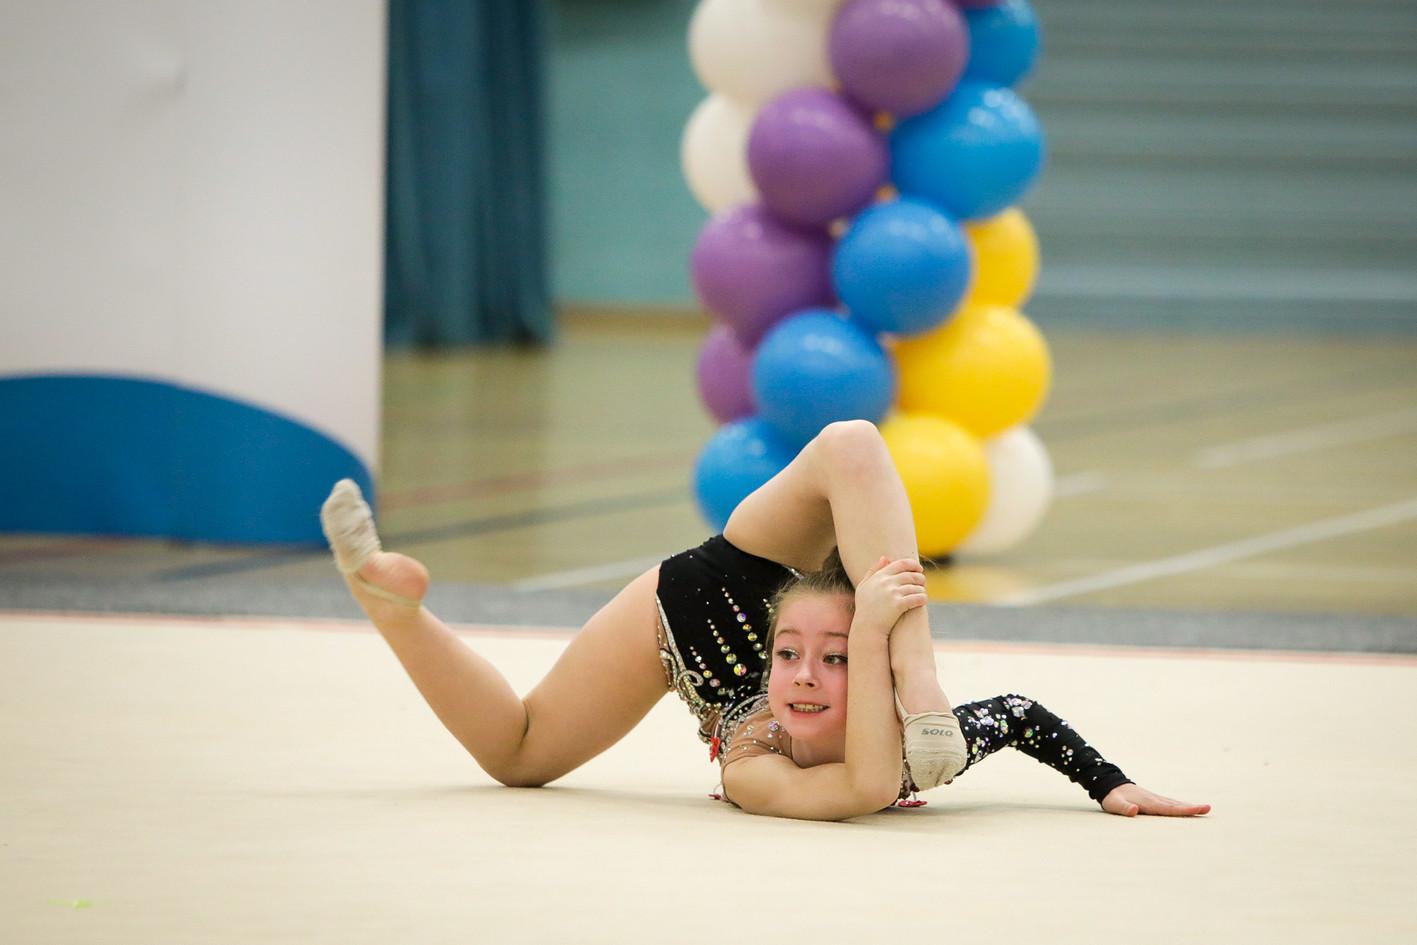 london gymnastics club